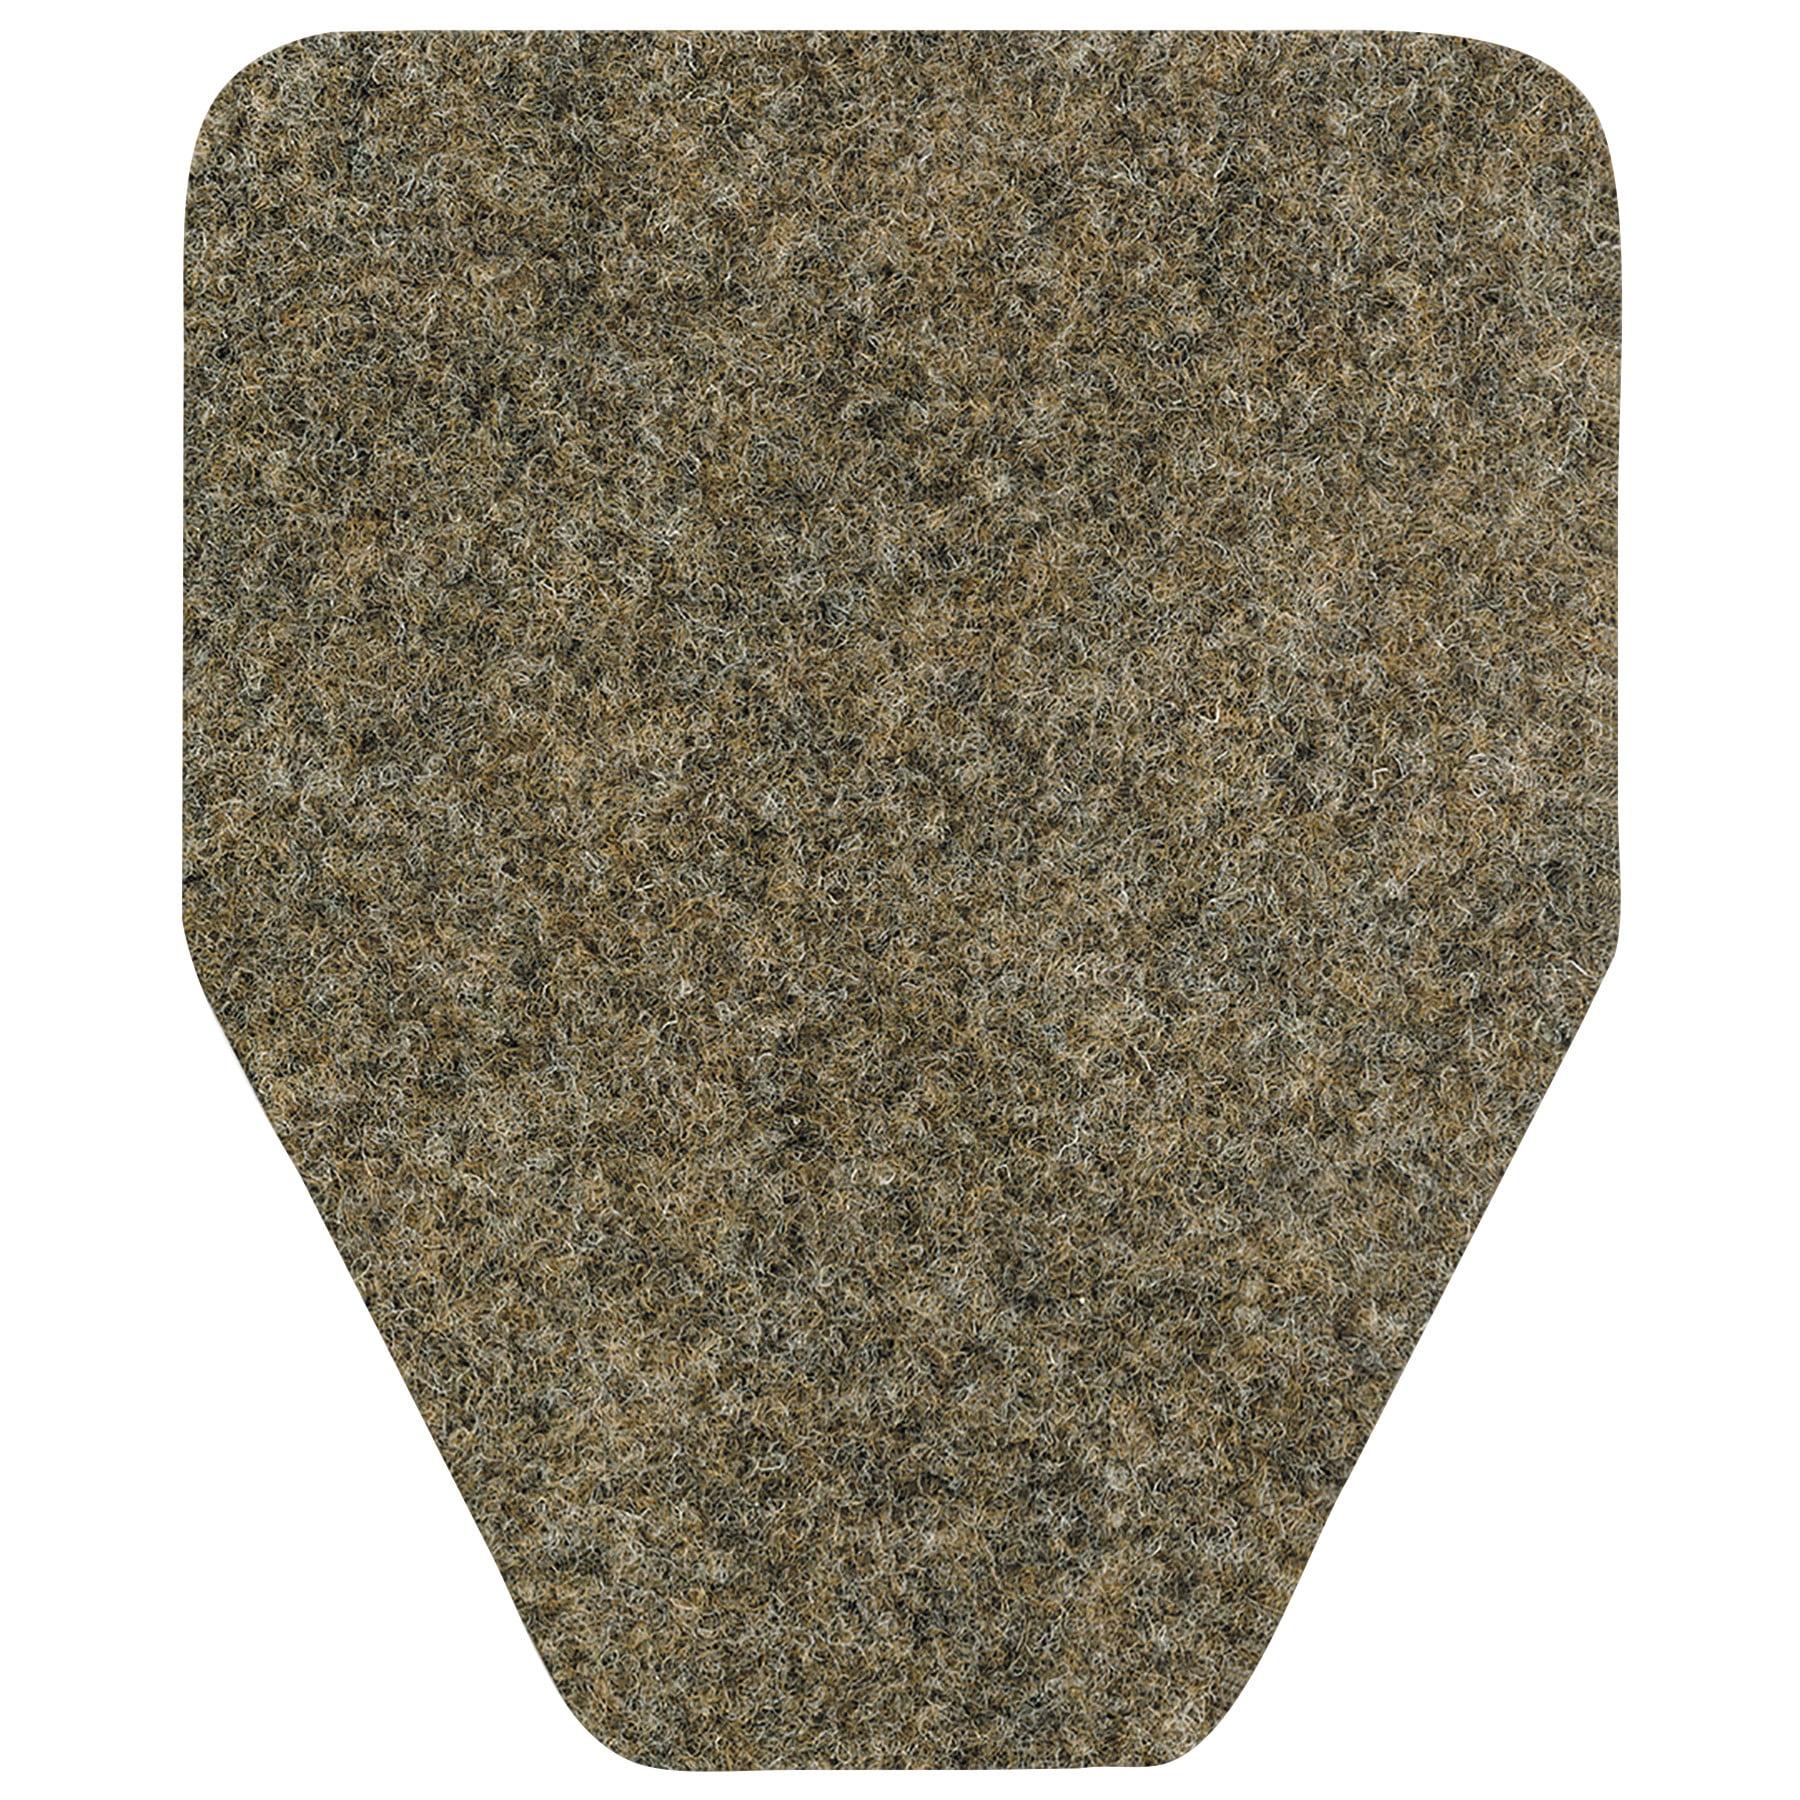 WizKid Brown Antimicrobial Floor Mats 48 count Walmartcom